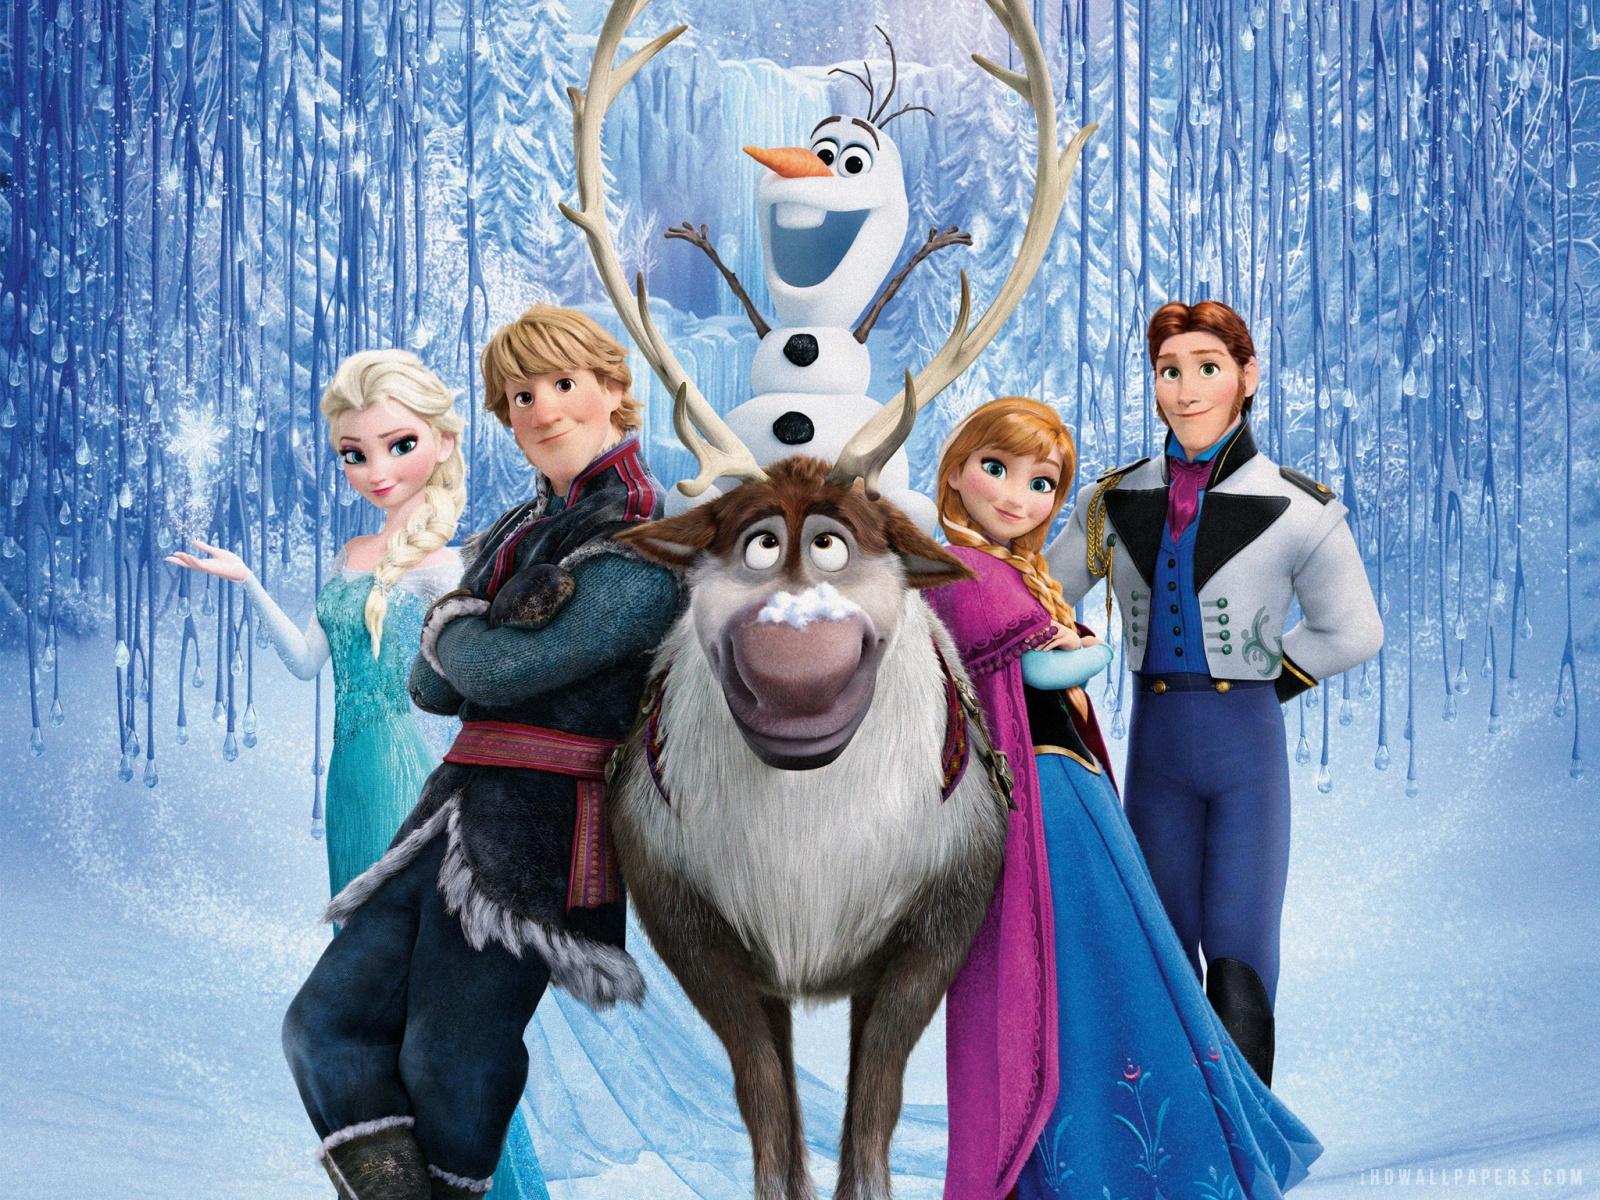 Frozen Movie 2013 HD Wallpaper   iHD Wallpapers 1600x1200